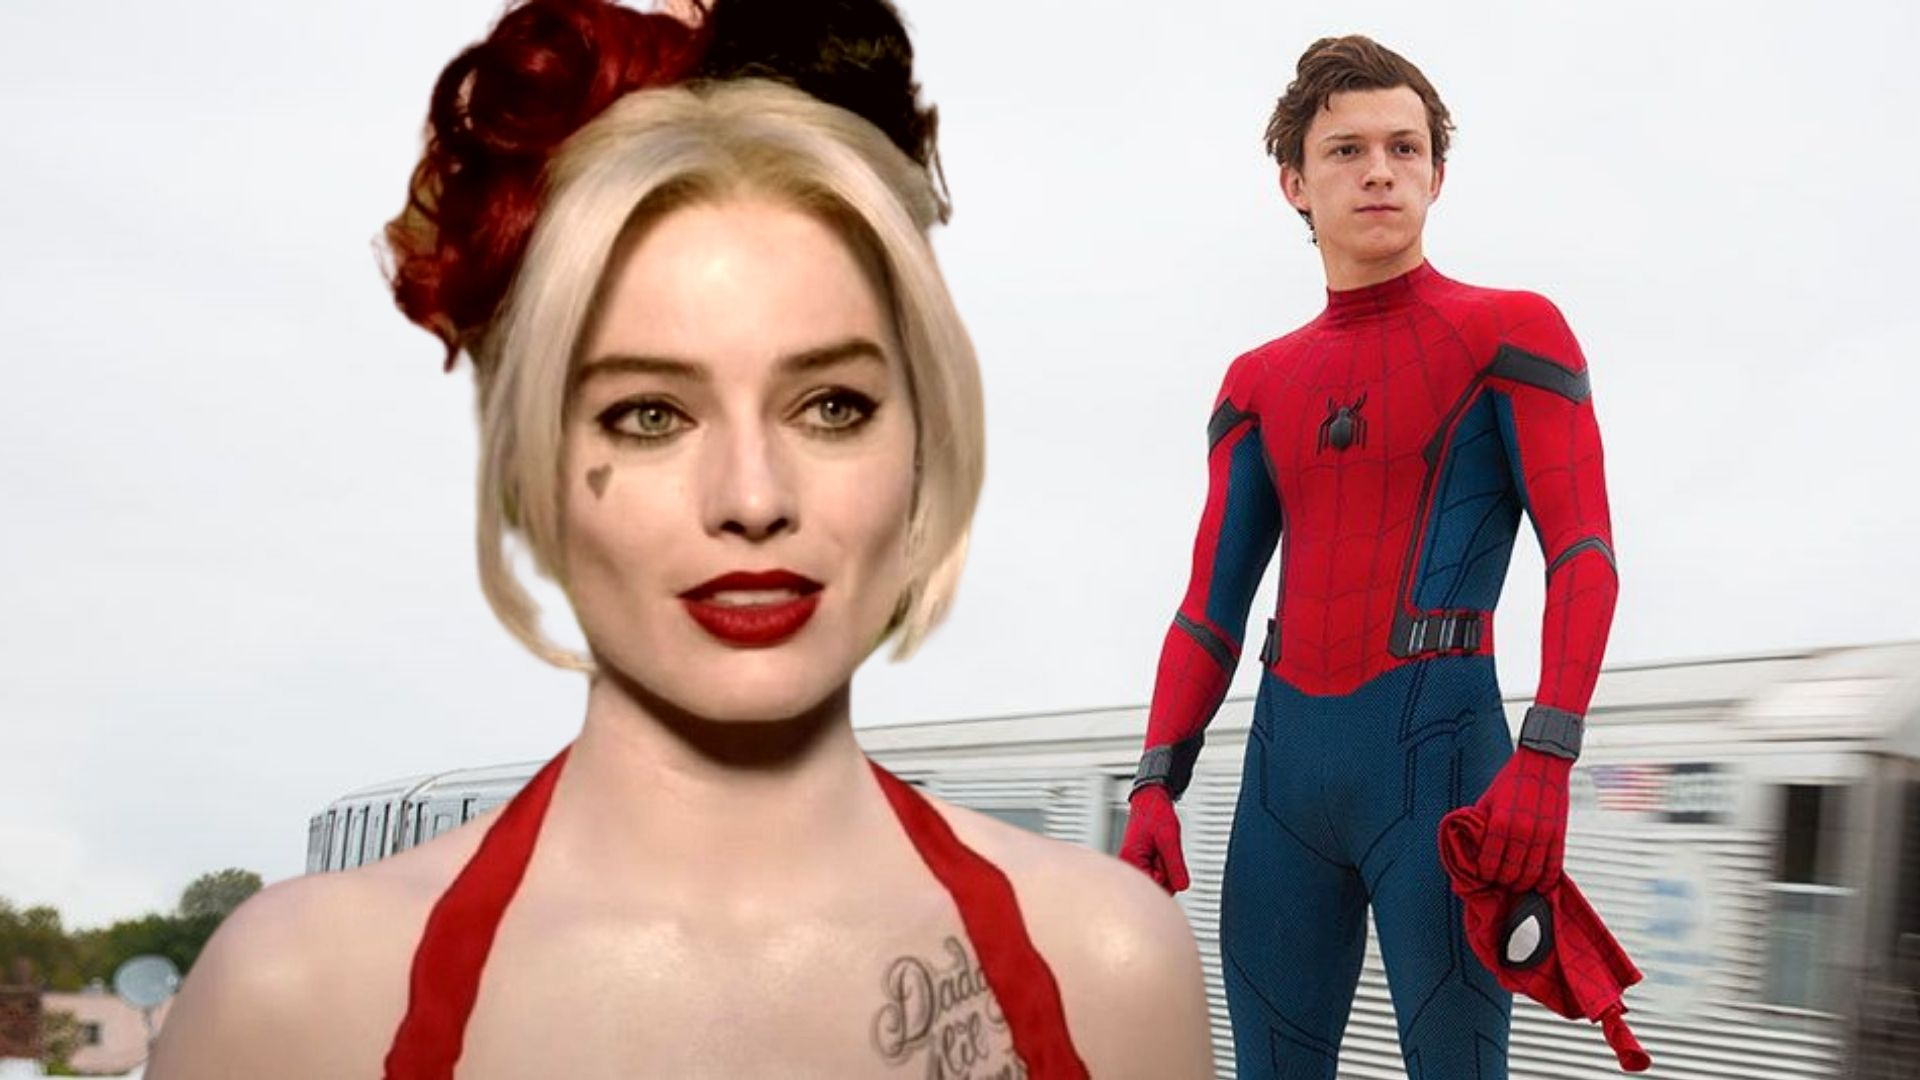 Harley Quinn dan Spider-Man Bakal Jadi Kostum Halloween Paling Populer Tahun Ini, Kata Riset!